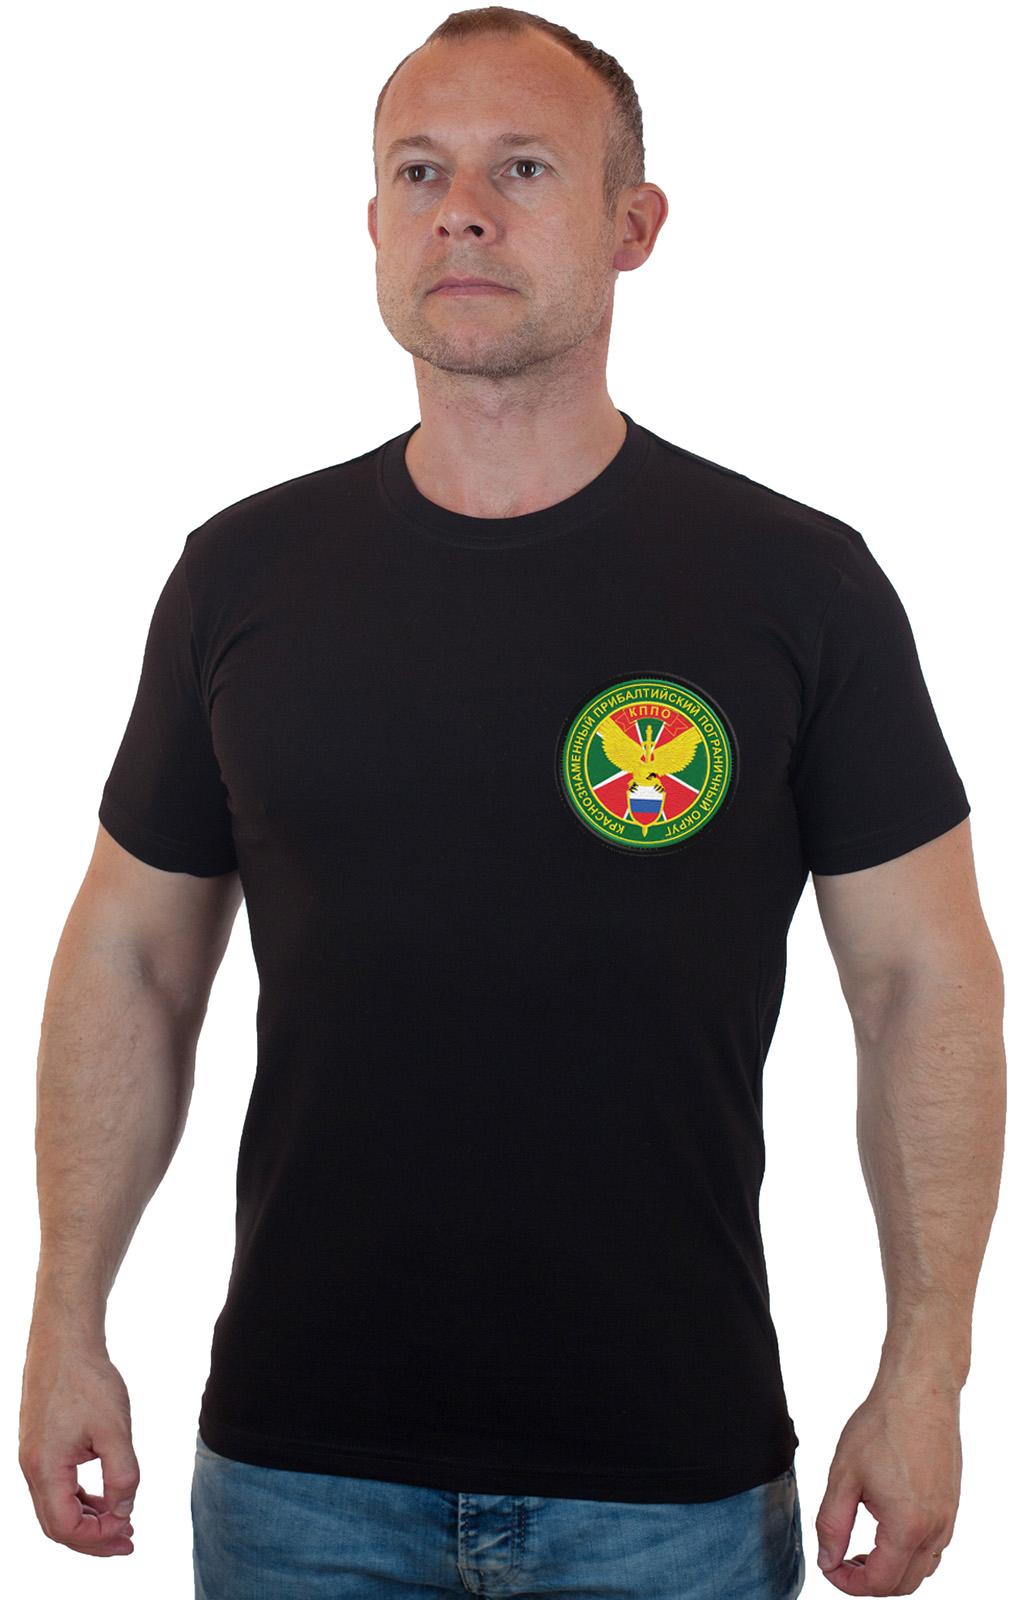 Недорогая мужская футболка Краснознаменного Прибалтийского пограничного округа